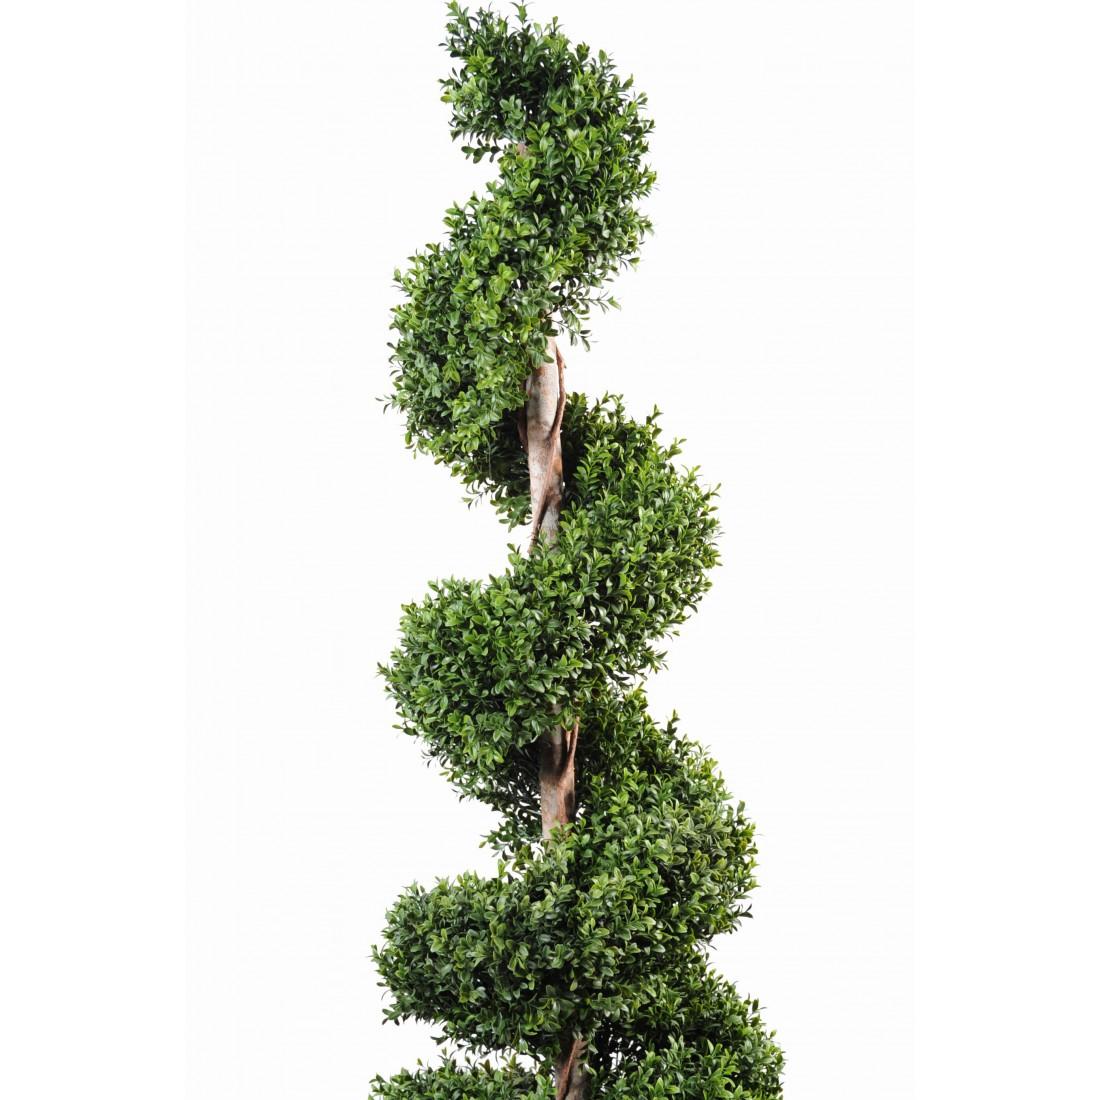 Buis artificiel spirale new 140 180 cm topiaires artificiels reflets nature lyon - Pot buis artificiel ...